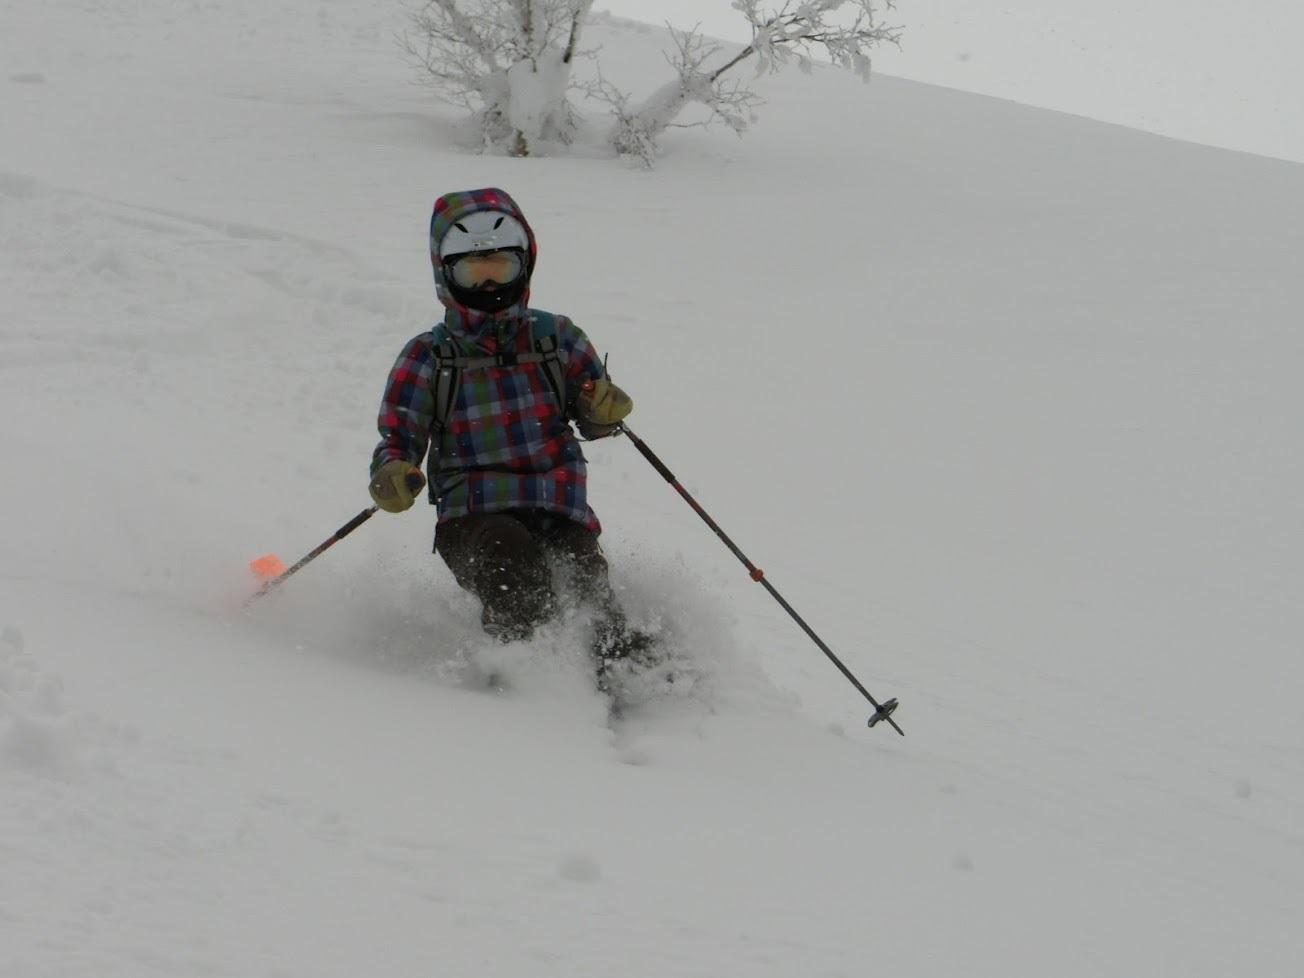 2017年1月21日朝里岳を滑る-2_c0242406_11552382.jpg